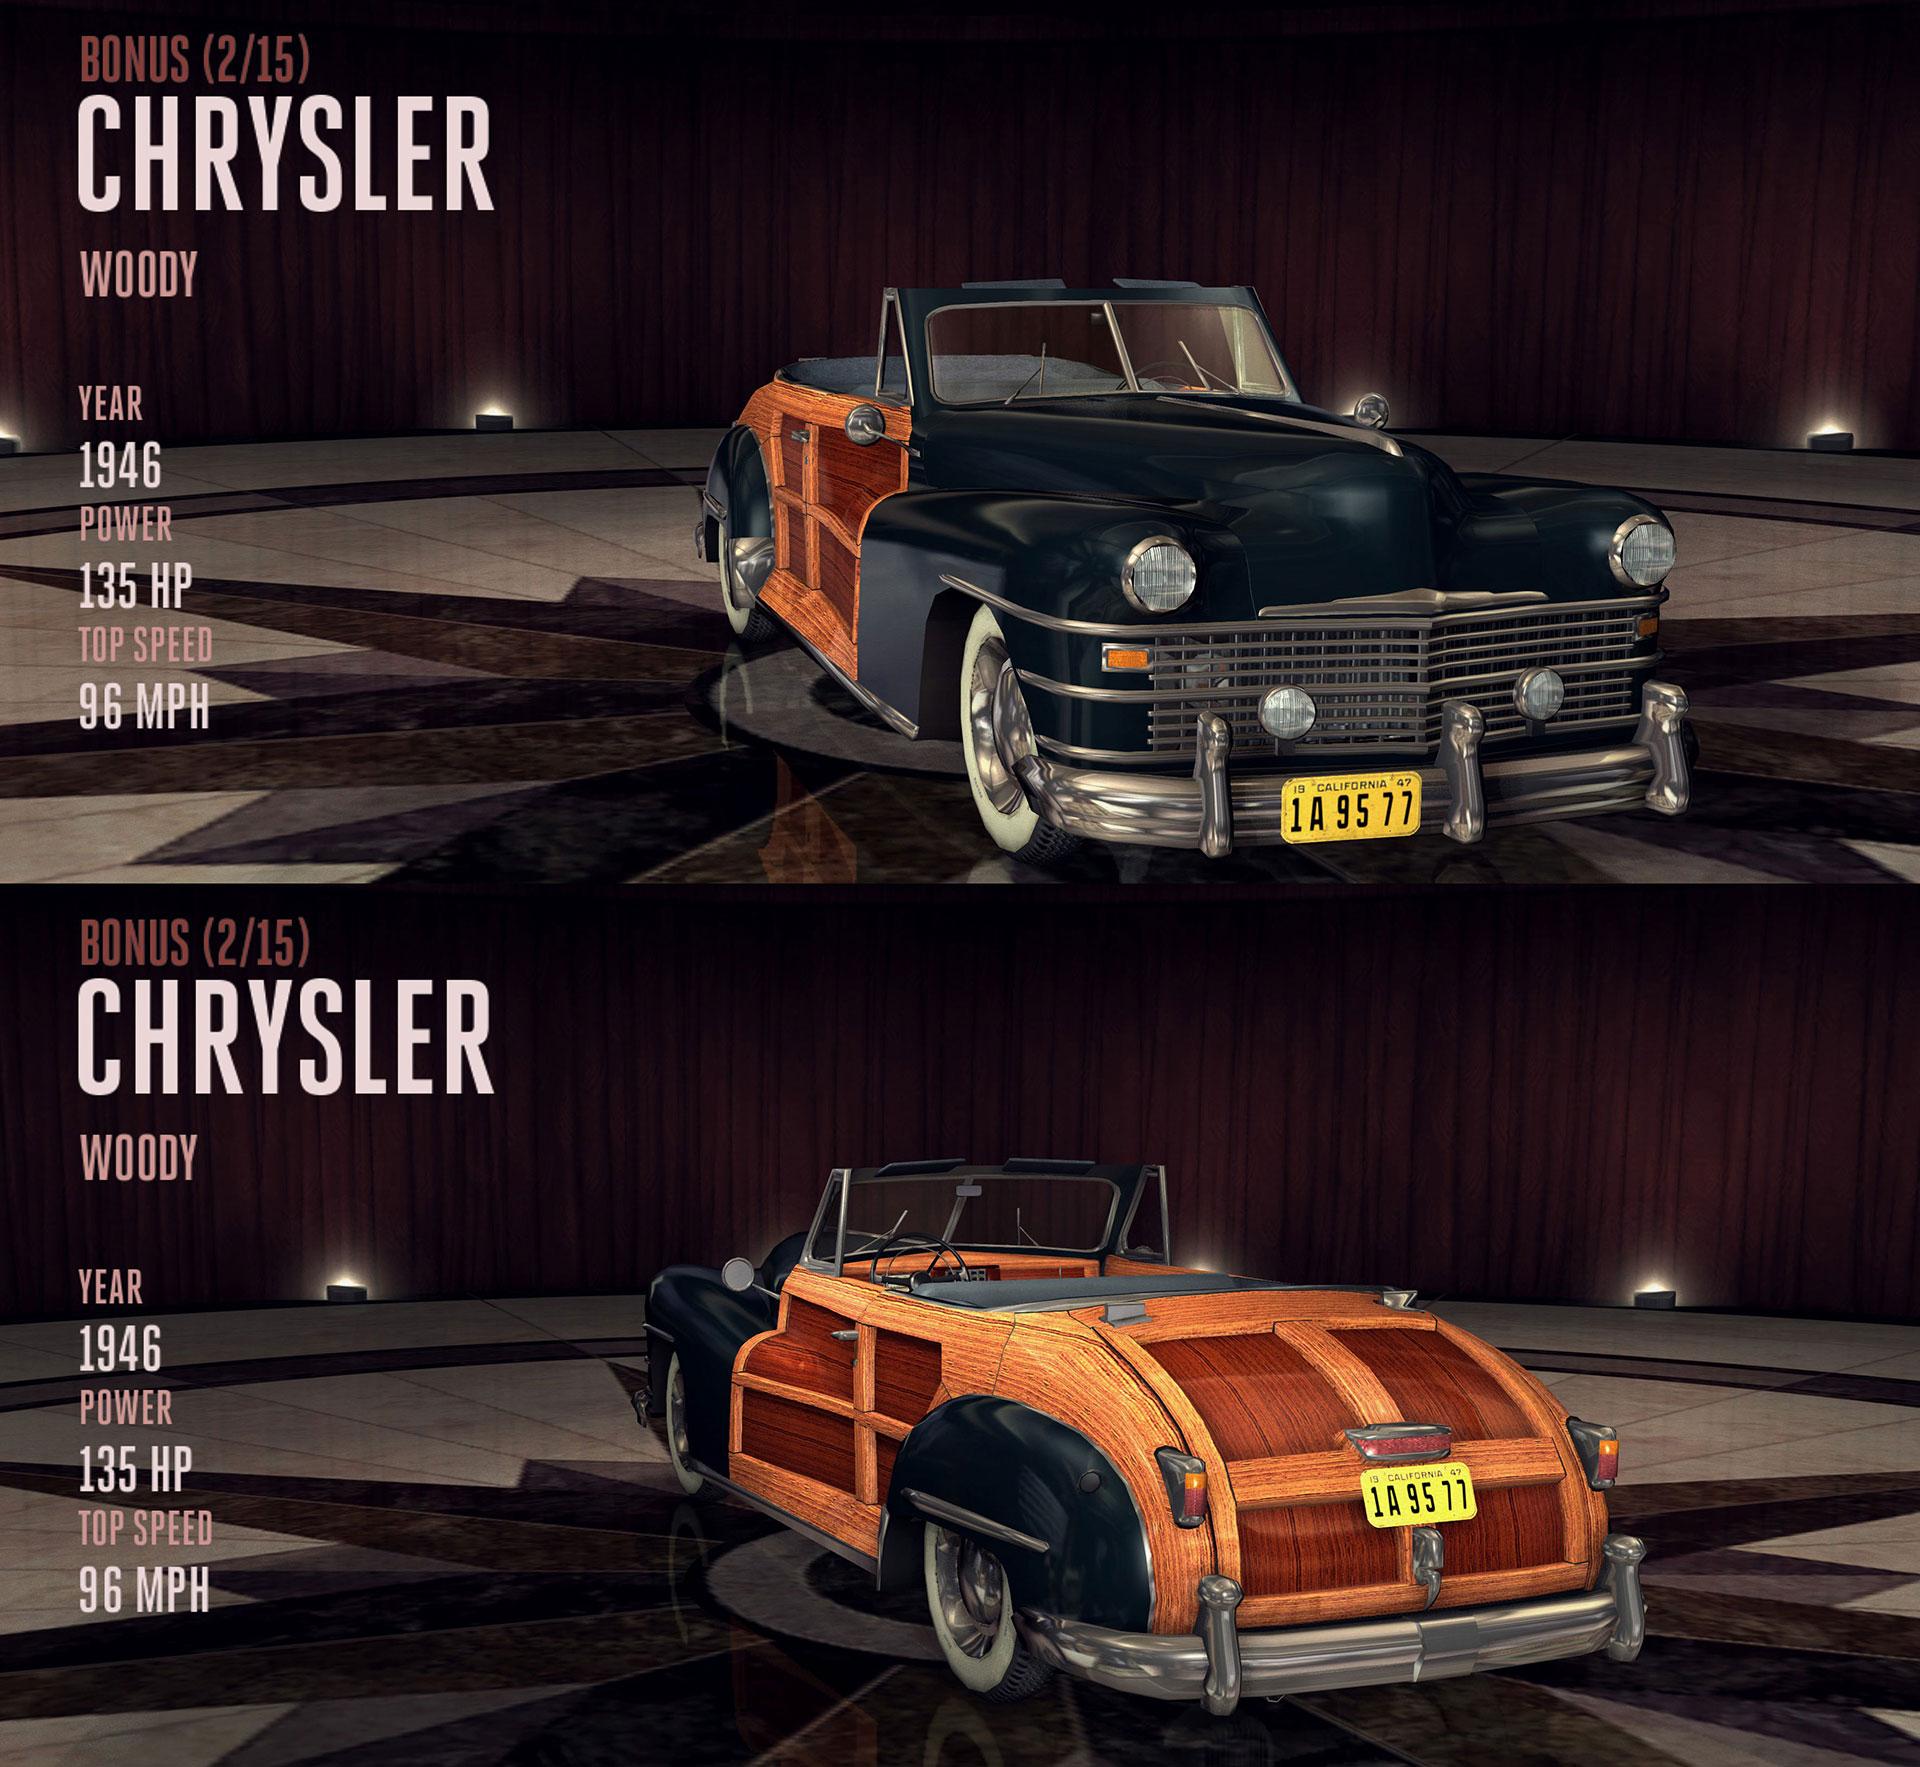 1946-chrysler-woody